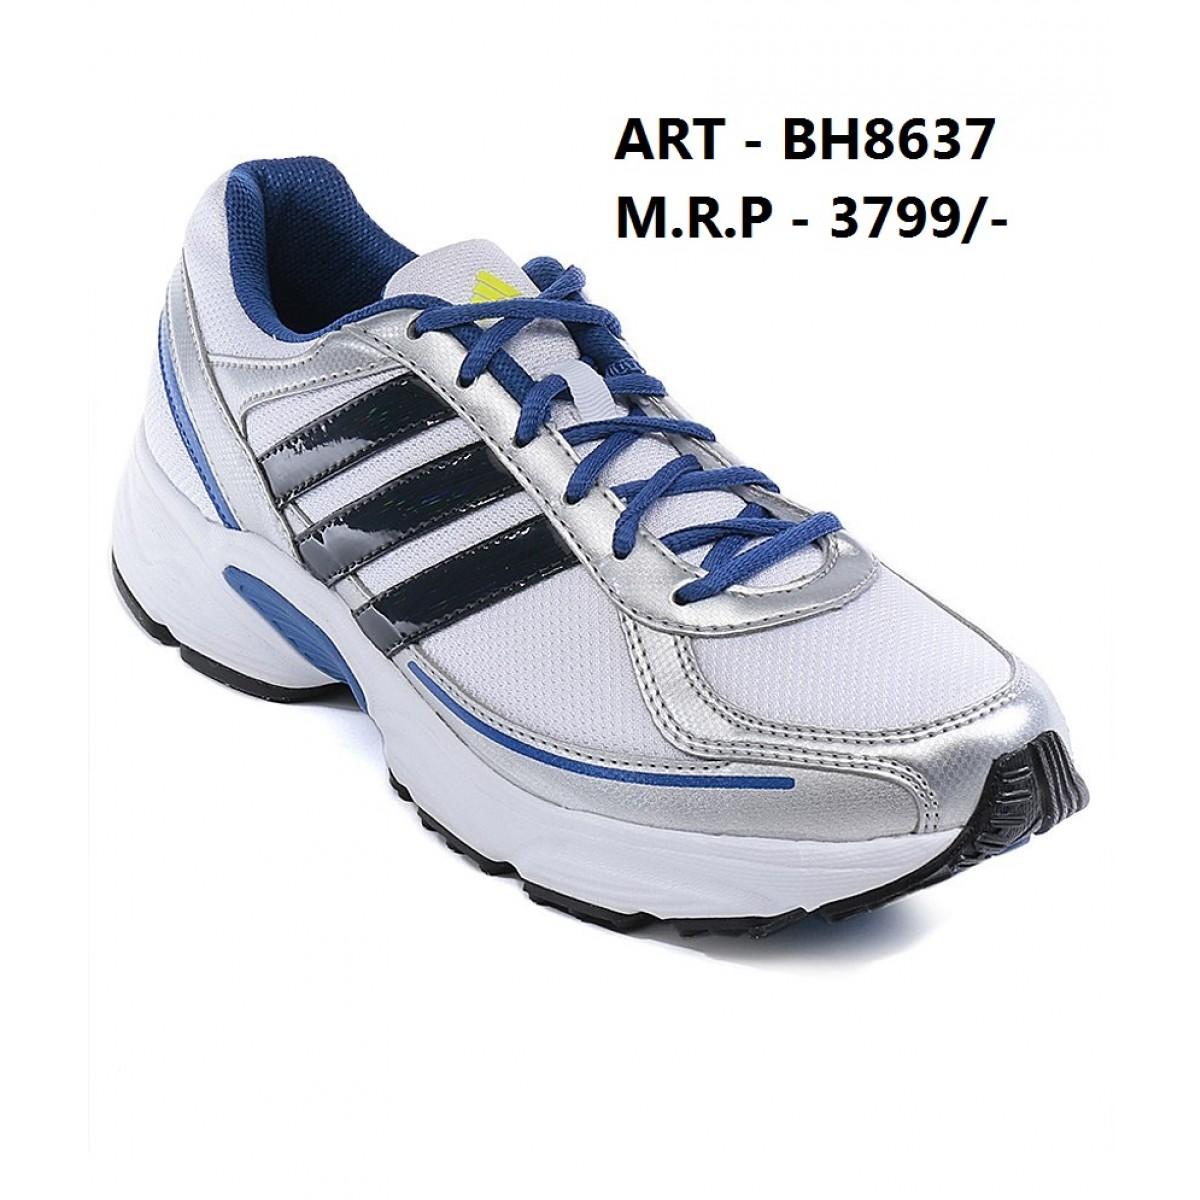 adidas sports footwear